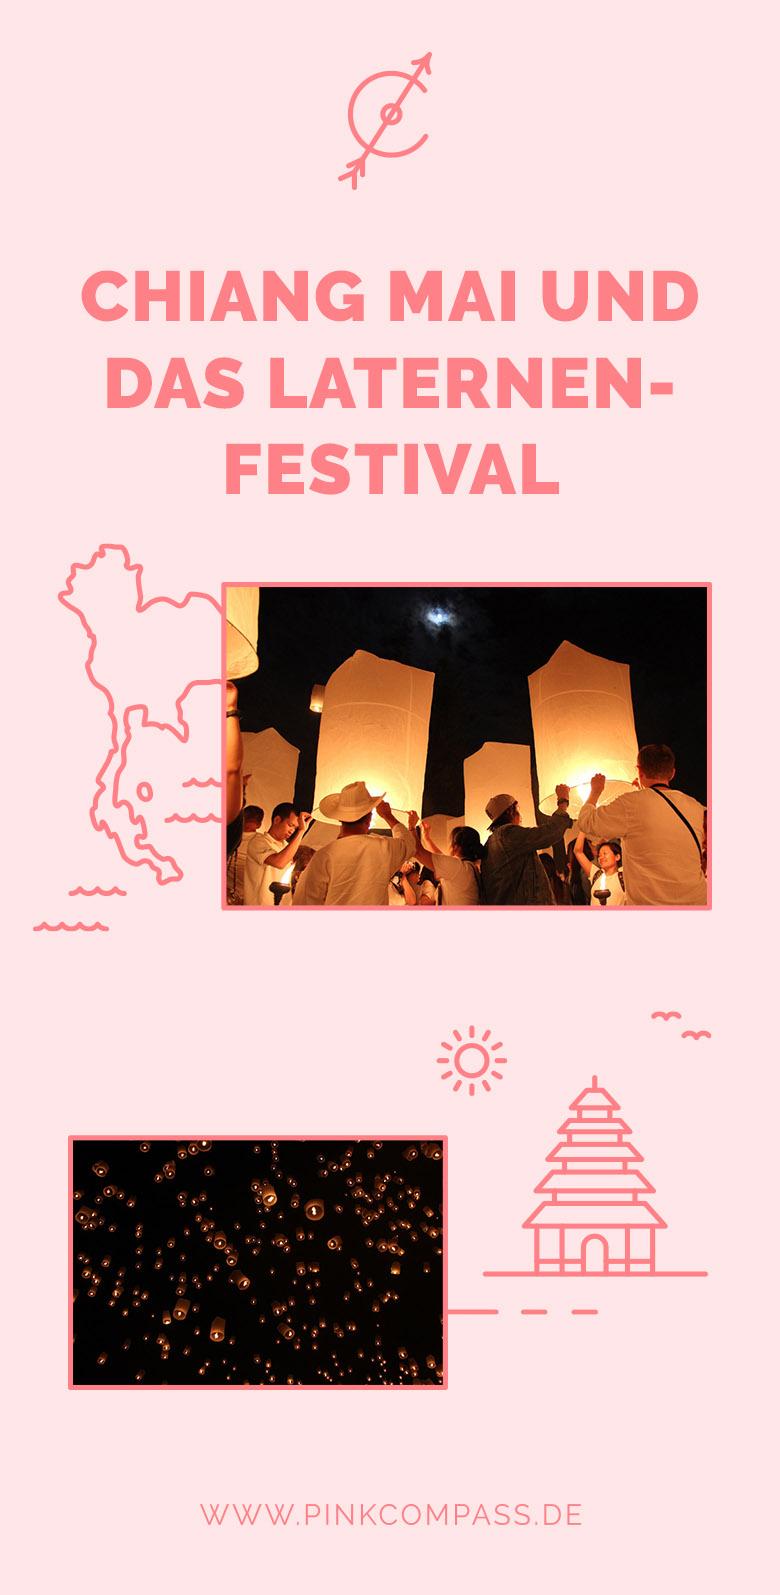 Das Laternen-Festival in Chiang Mai